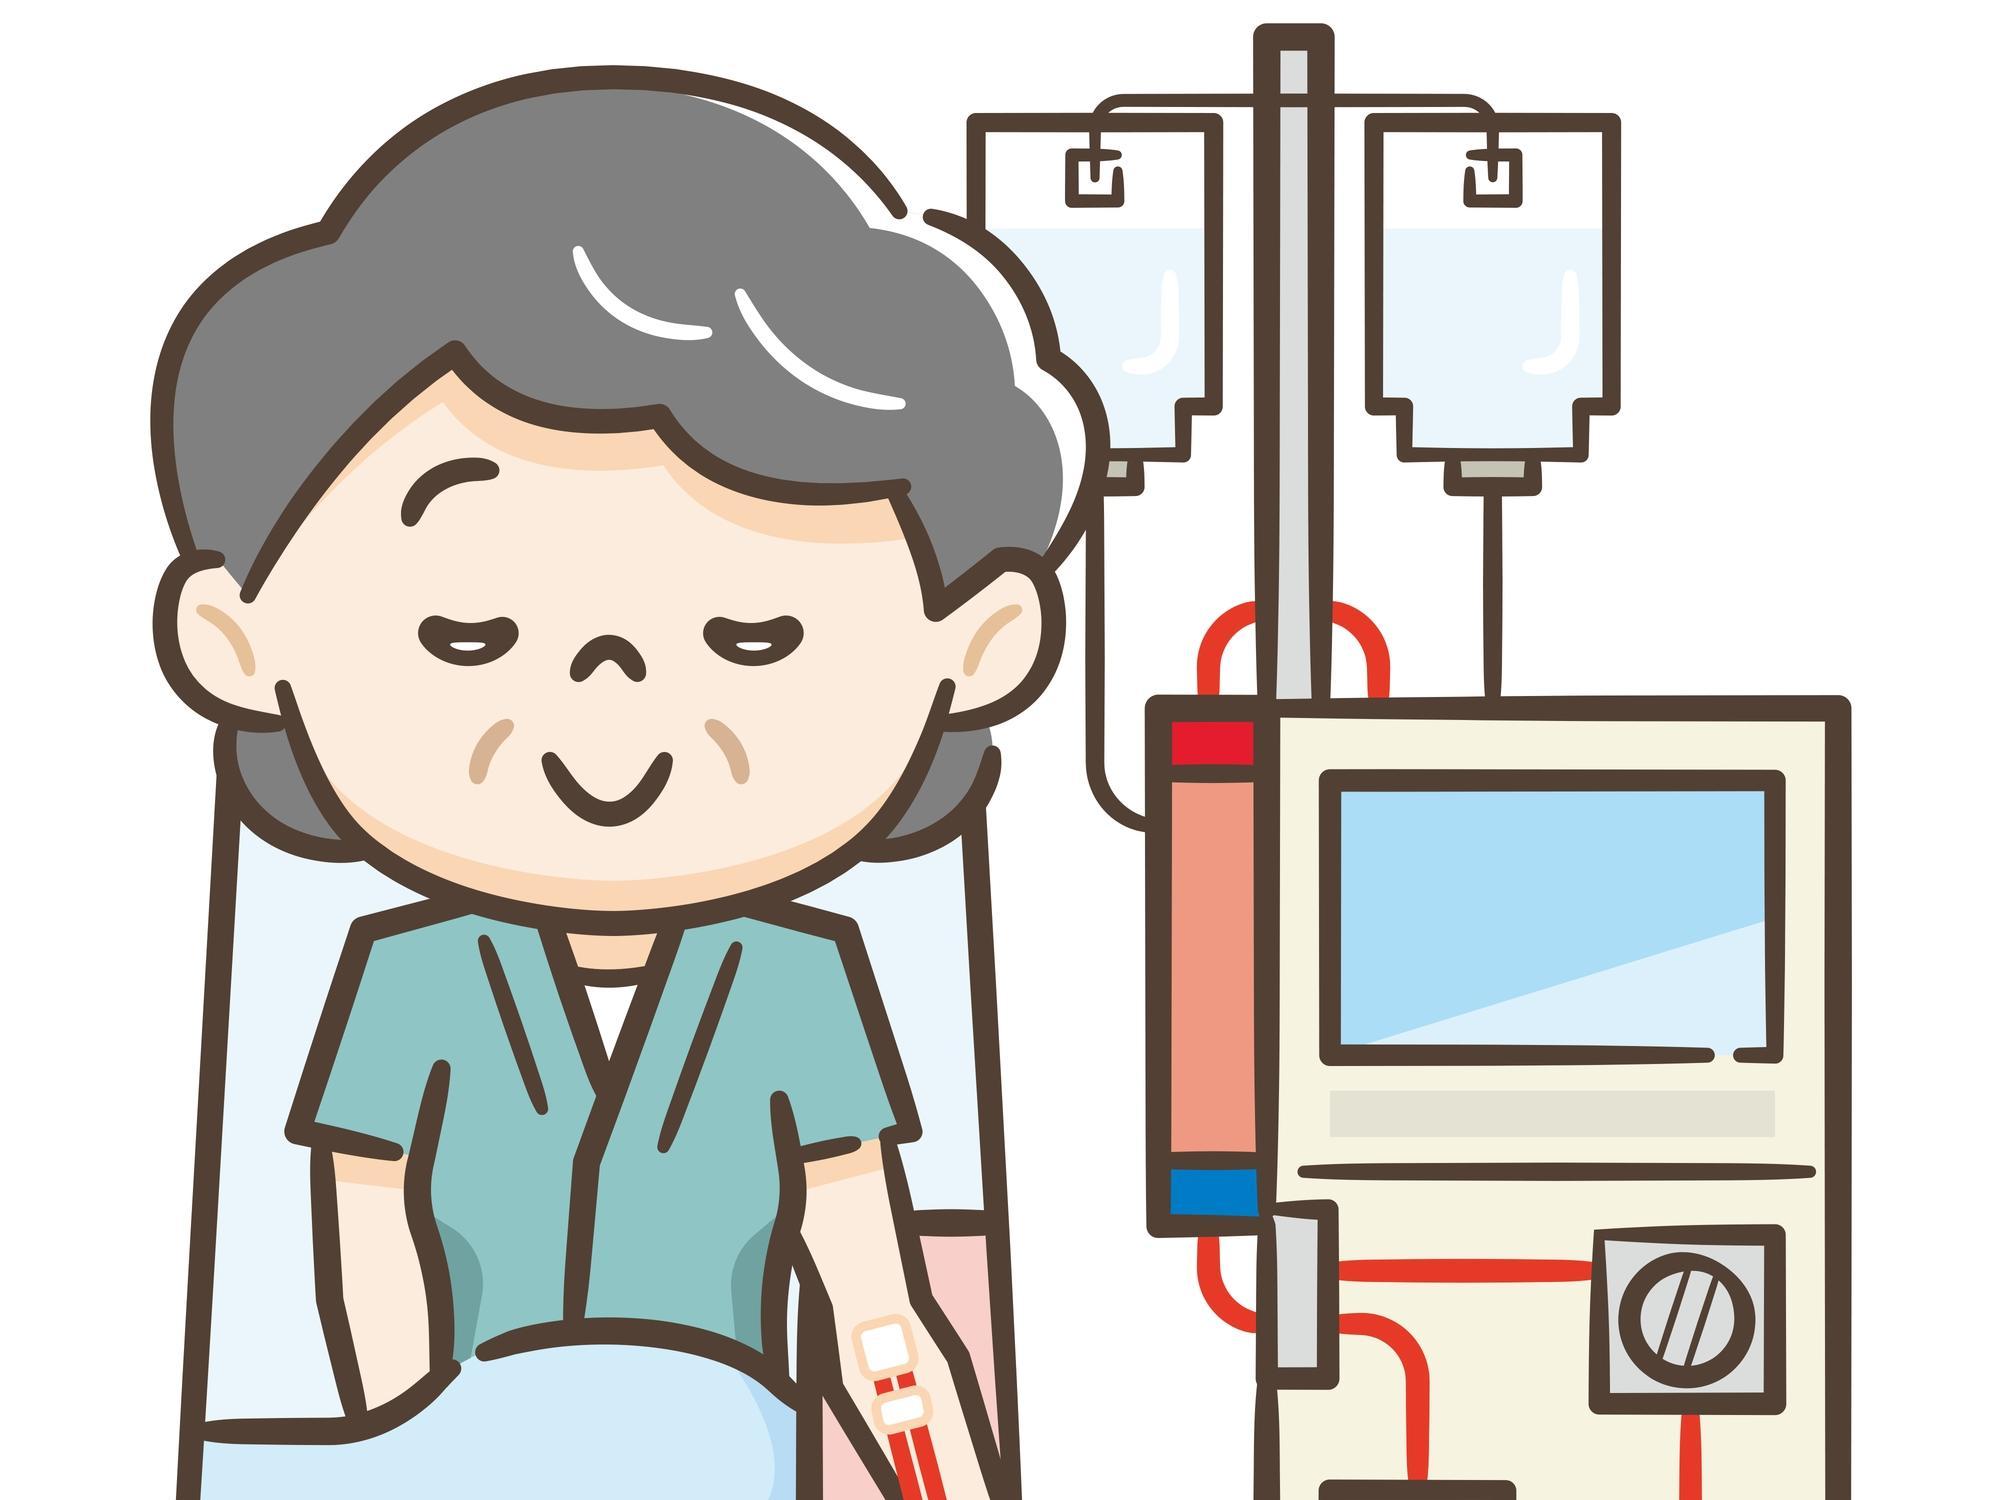 人工透析・血液透析とは?合併症や介護における注意点を解説|介護のコラム